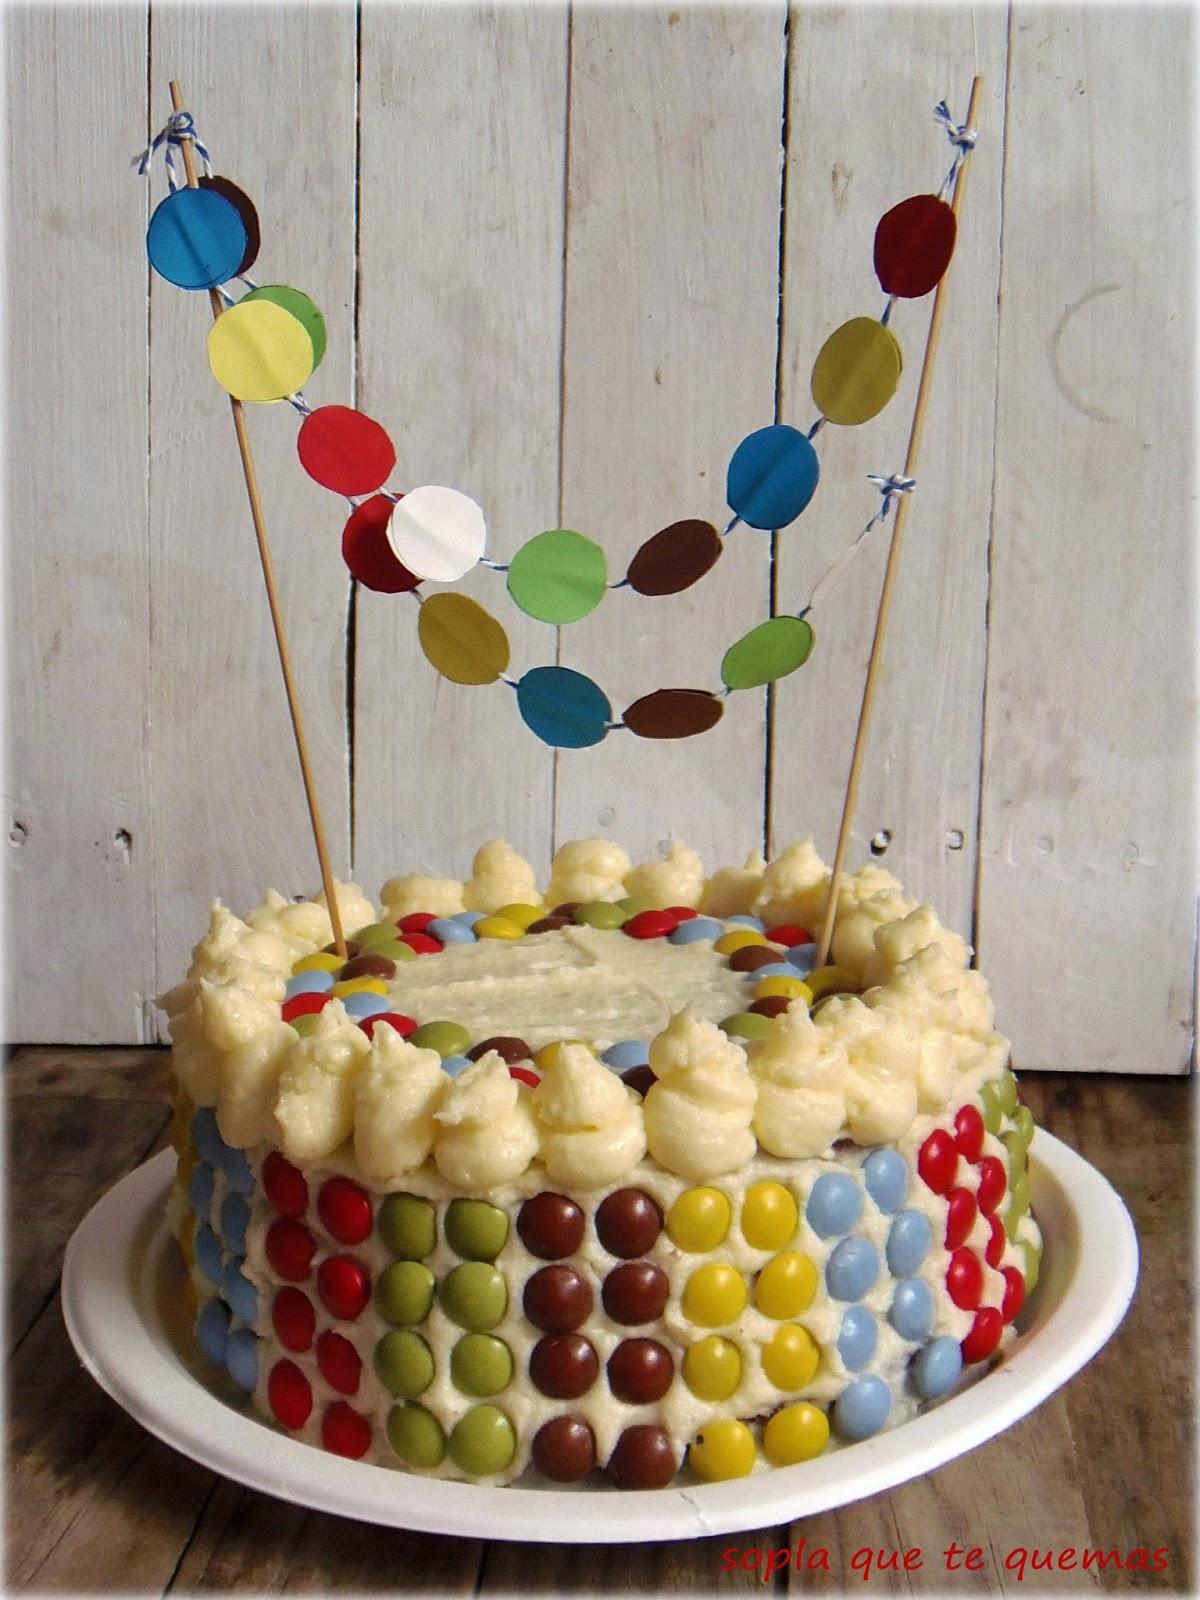 decorar tartas de cumpleanos para ninos